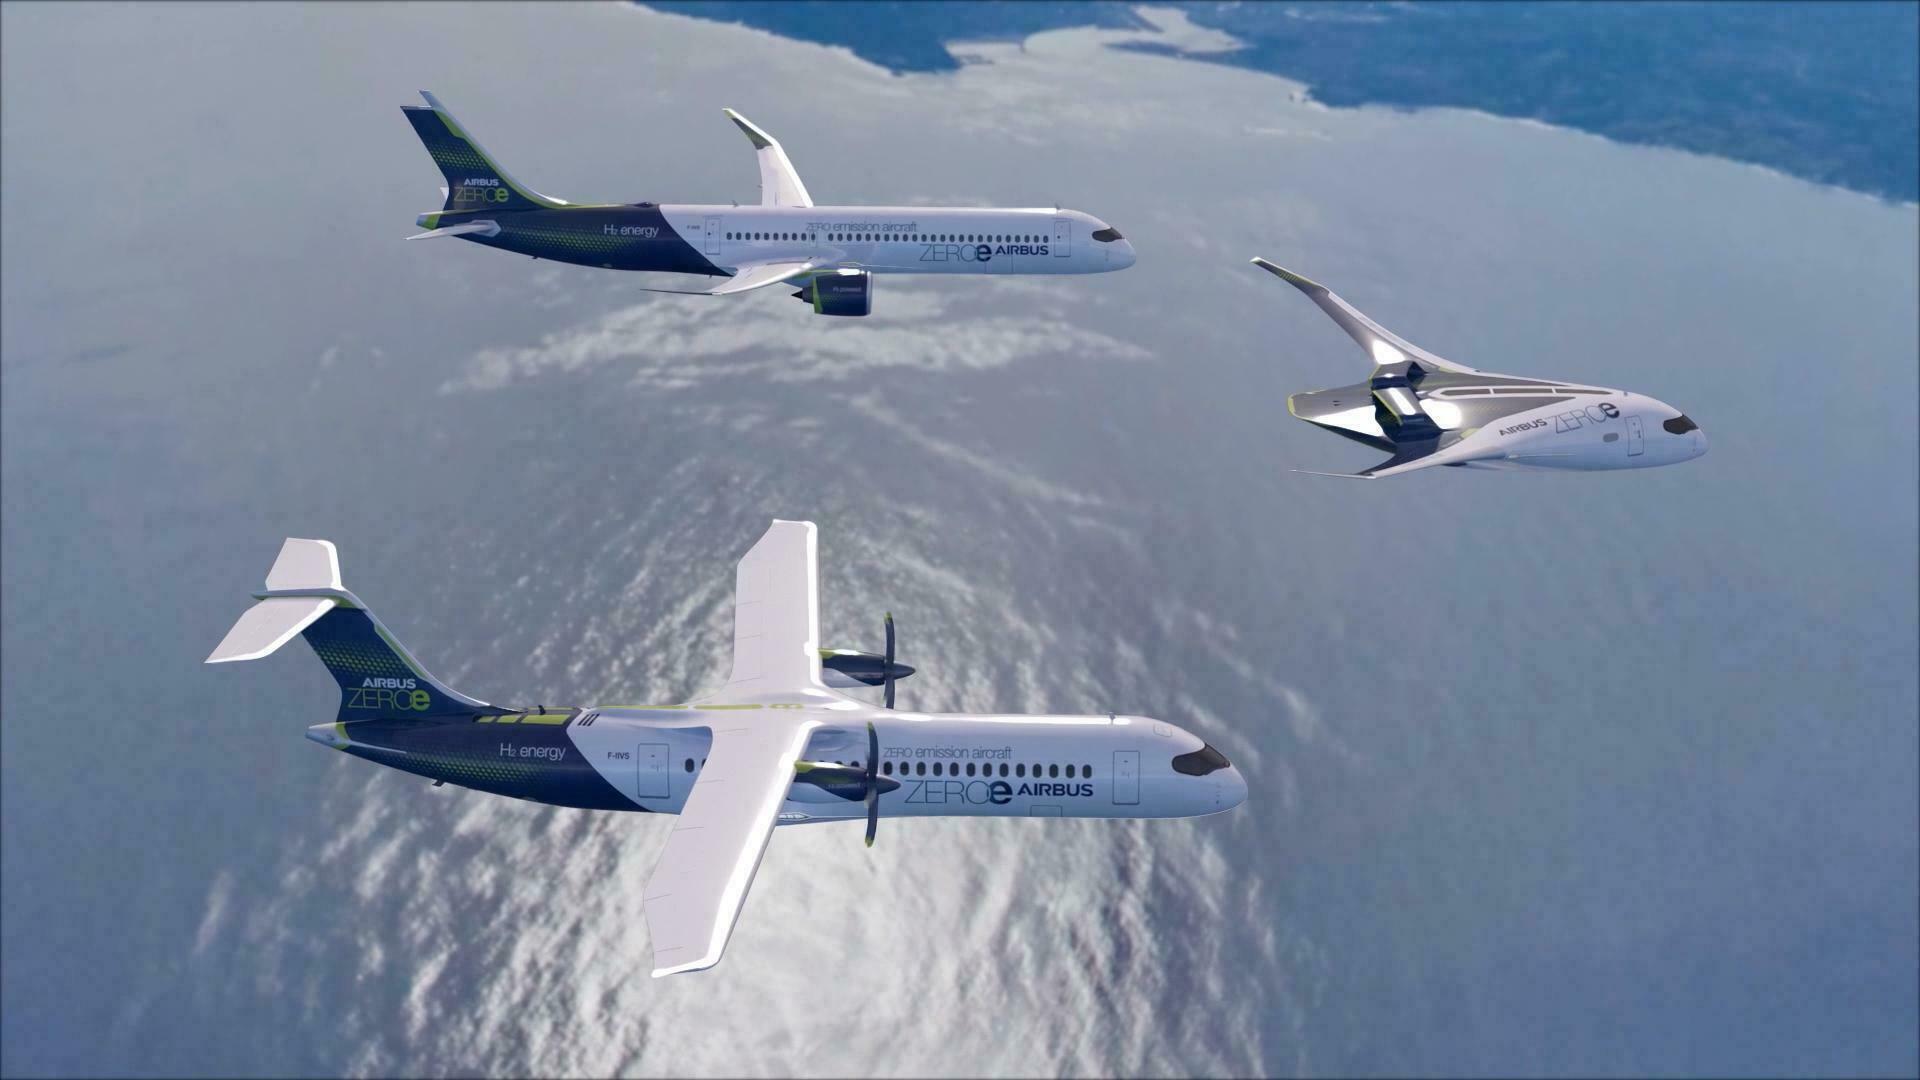 L'avion à hydrogène, une vraie fausse promesse écologique ?